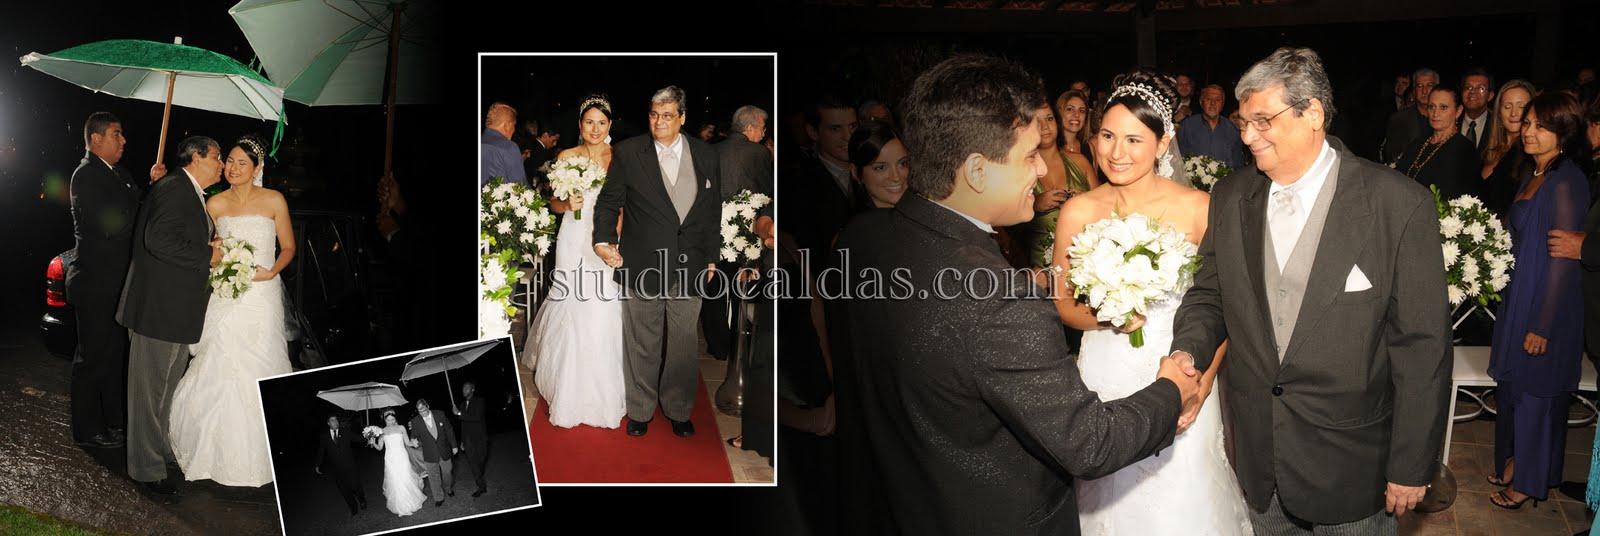 Studio caldas ana luiza e renato 02 anos de casados for Renato portaluppi e casado